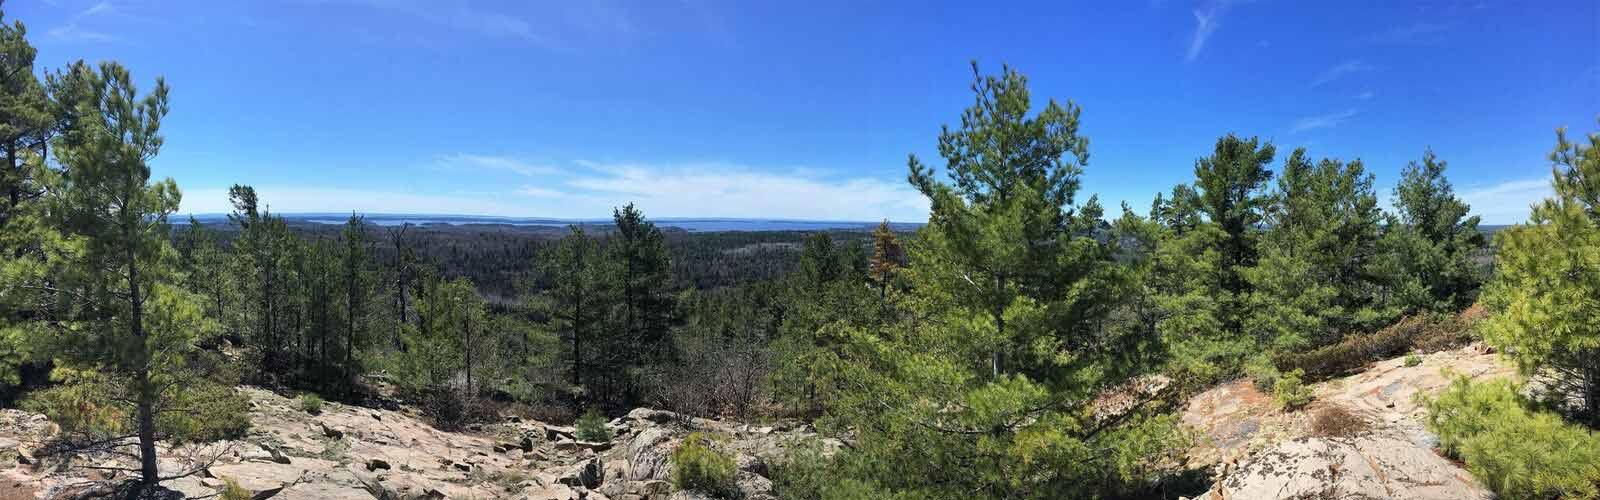 Coureurs Des Bois Hiking Trail